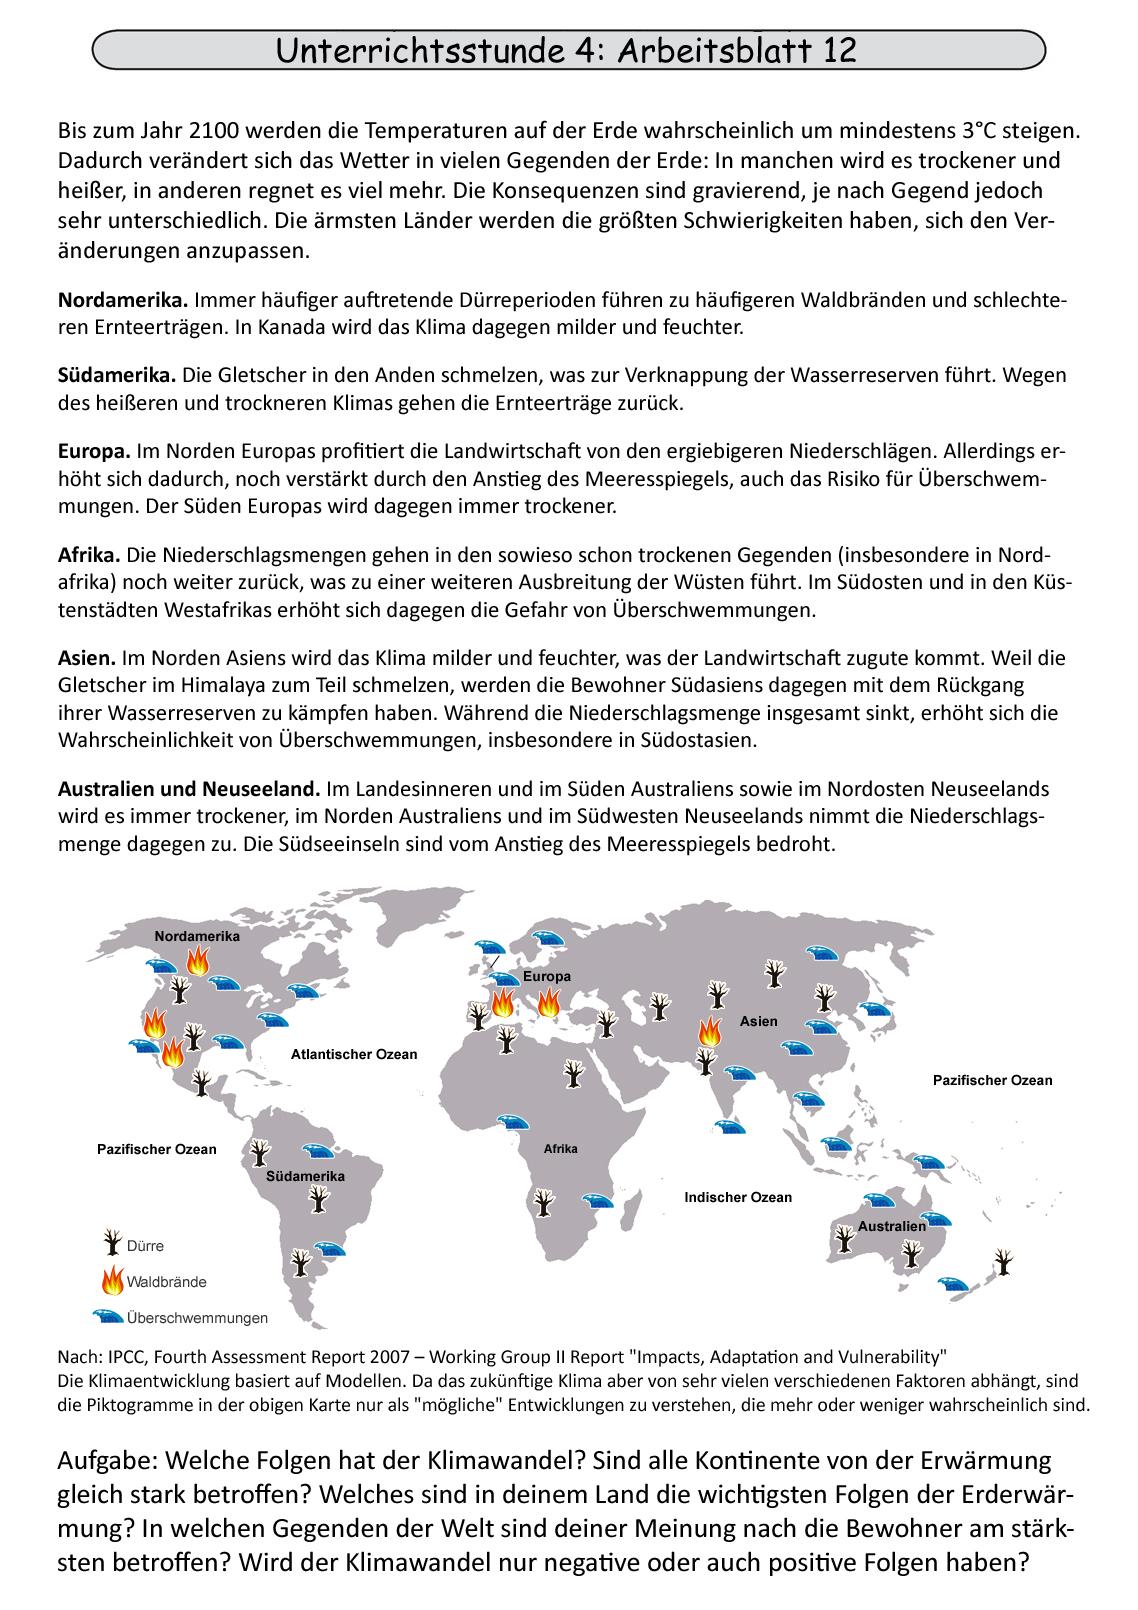 Unterrichtsstunde 4: Folgen des Klimawandels für Gesundheit und ...